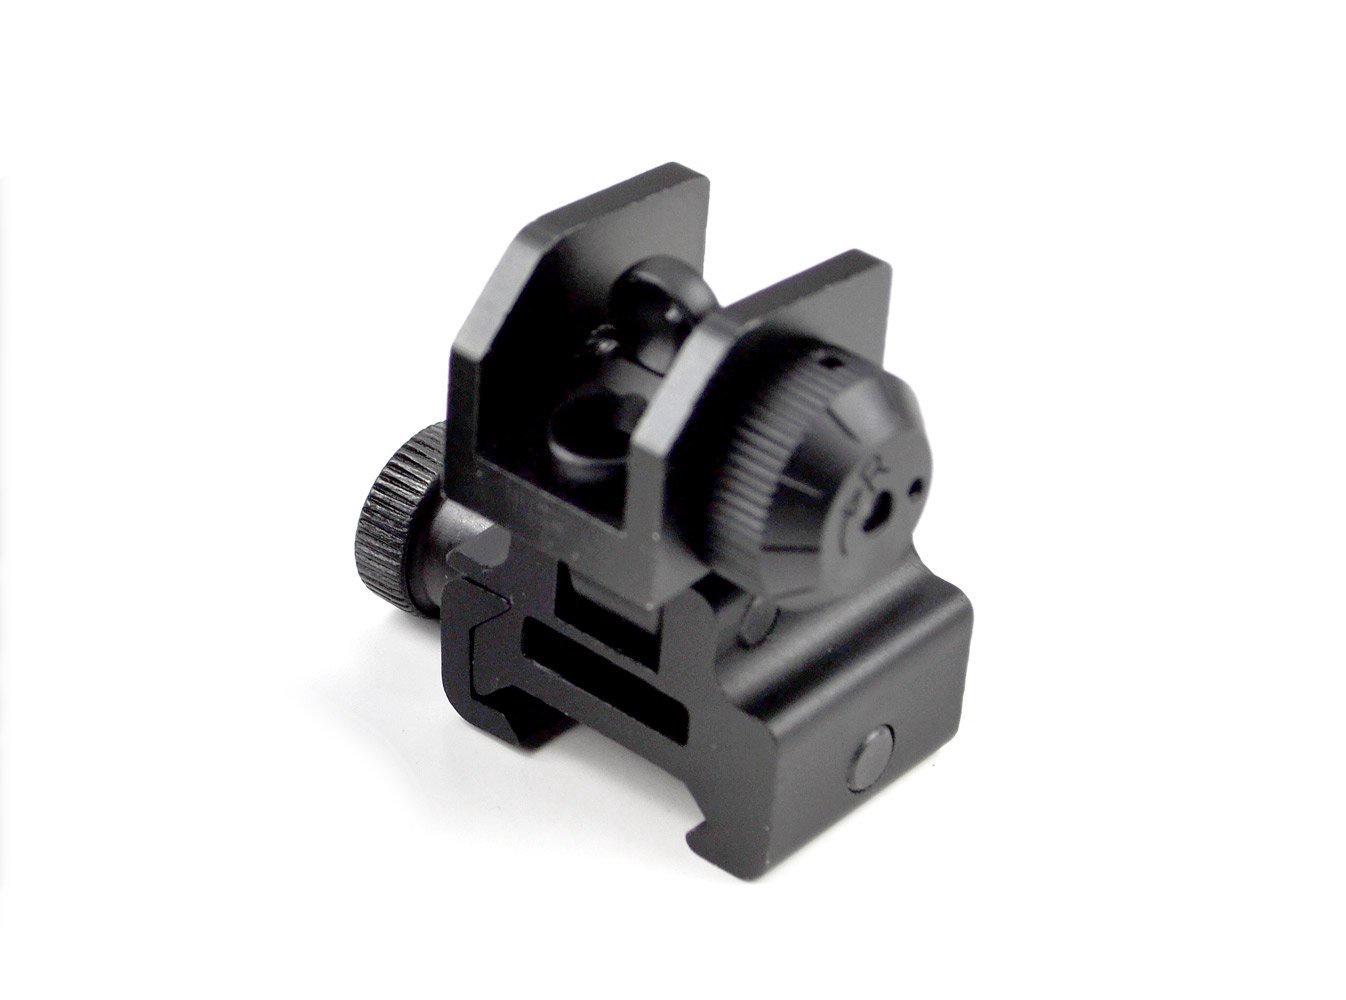 sniper mflrs01 flip up rear sight kdl solutions